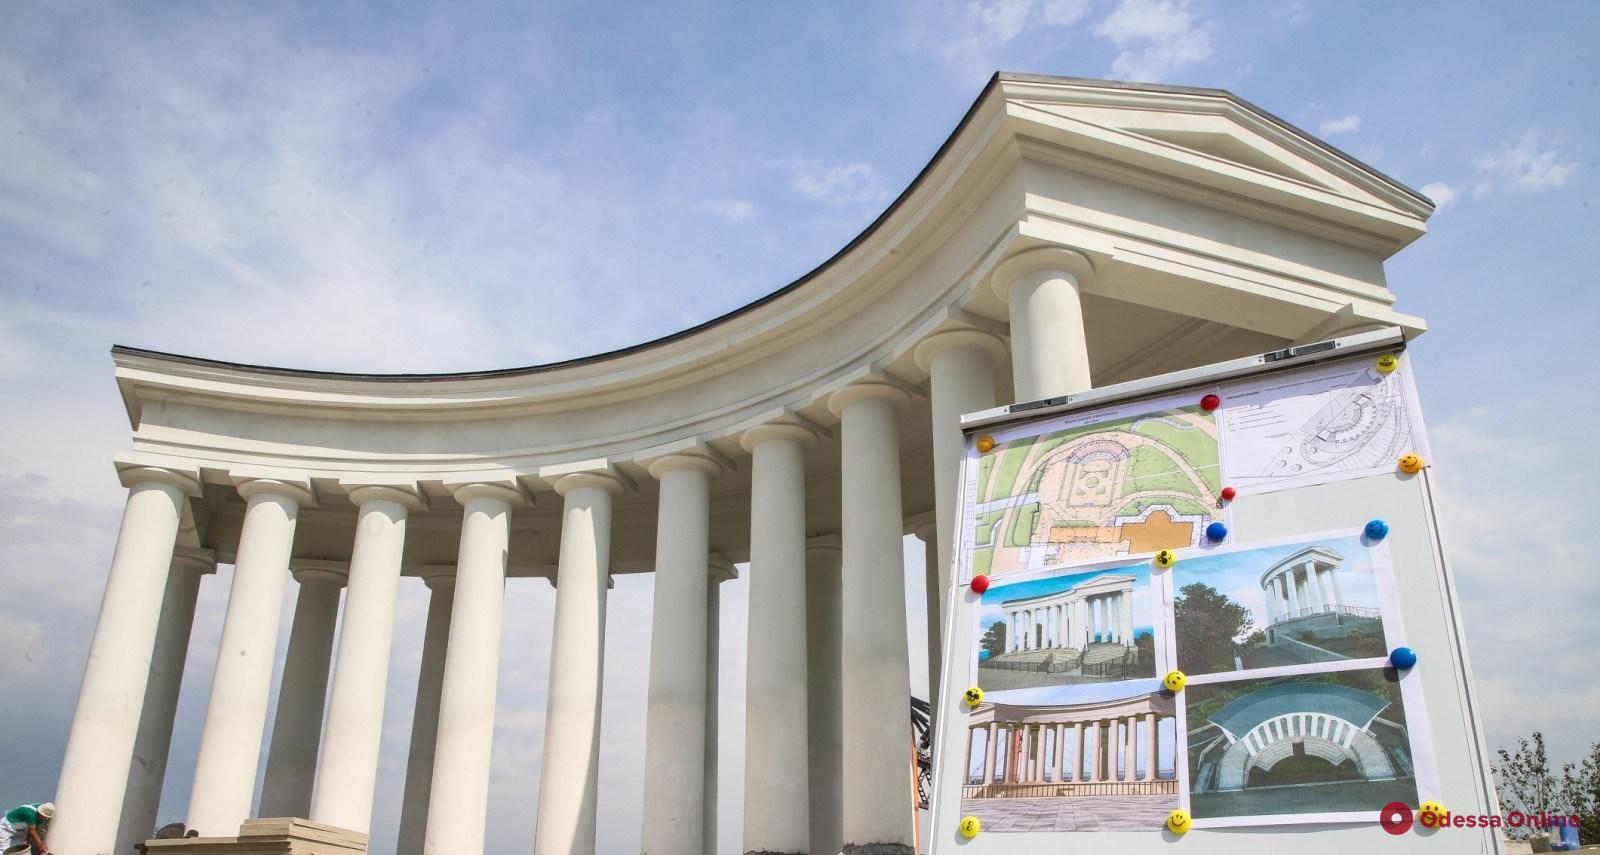 Одесса: в канун Дня города откроют отреставрированную Воронцовскую колоннаду